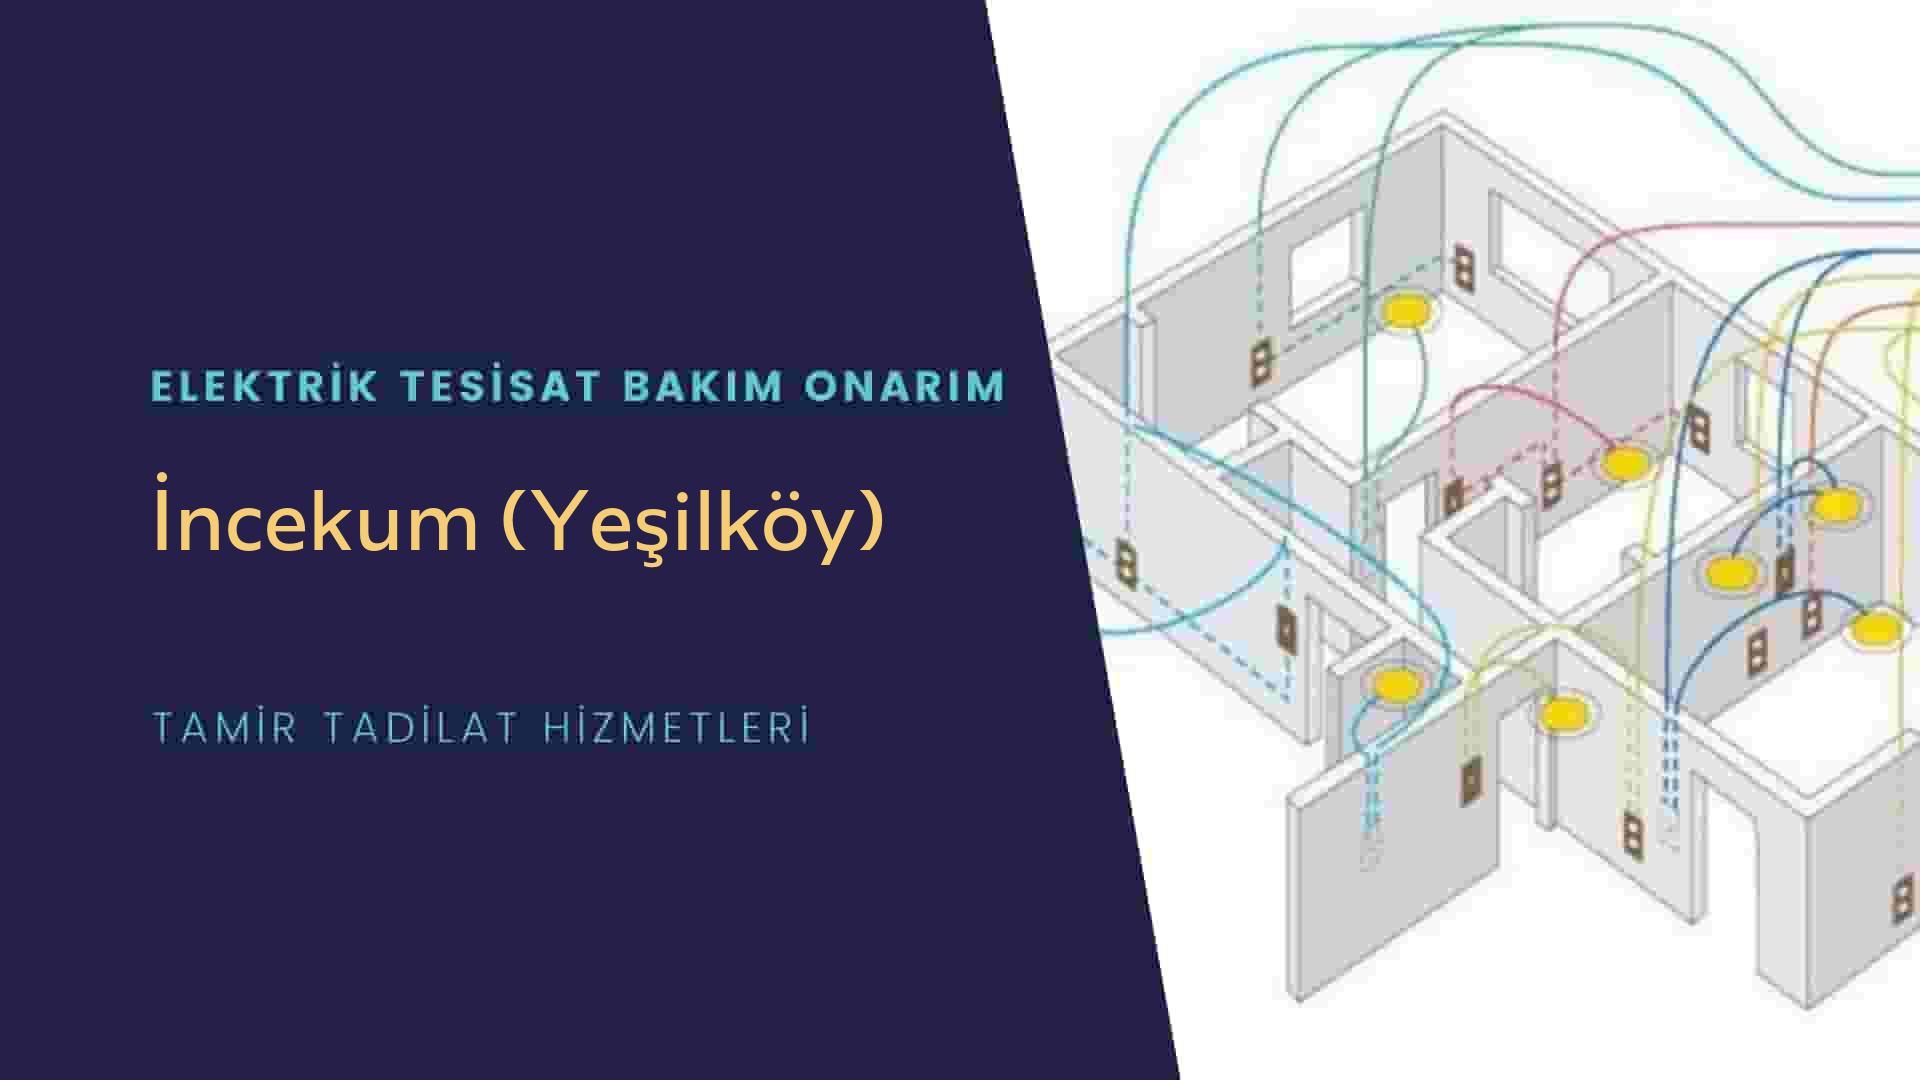 İncekum (Yeşilköy)  elektrik tesisatıustalarımı arıyorsunuz doğru adrestenizi İncekum (Yeşilköy) elektrik tesisatı ustalarımız 7/24 sizlere hizmet vermekten mutluluk duyar.